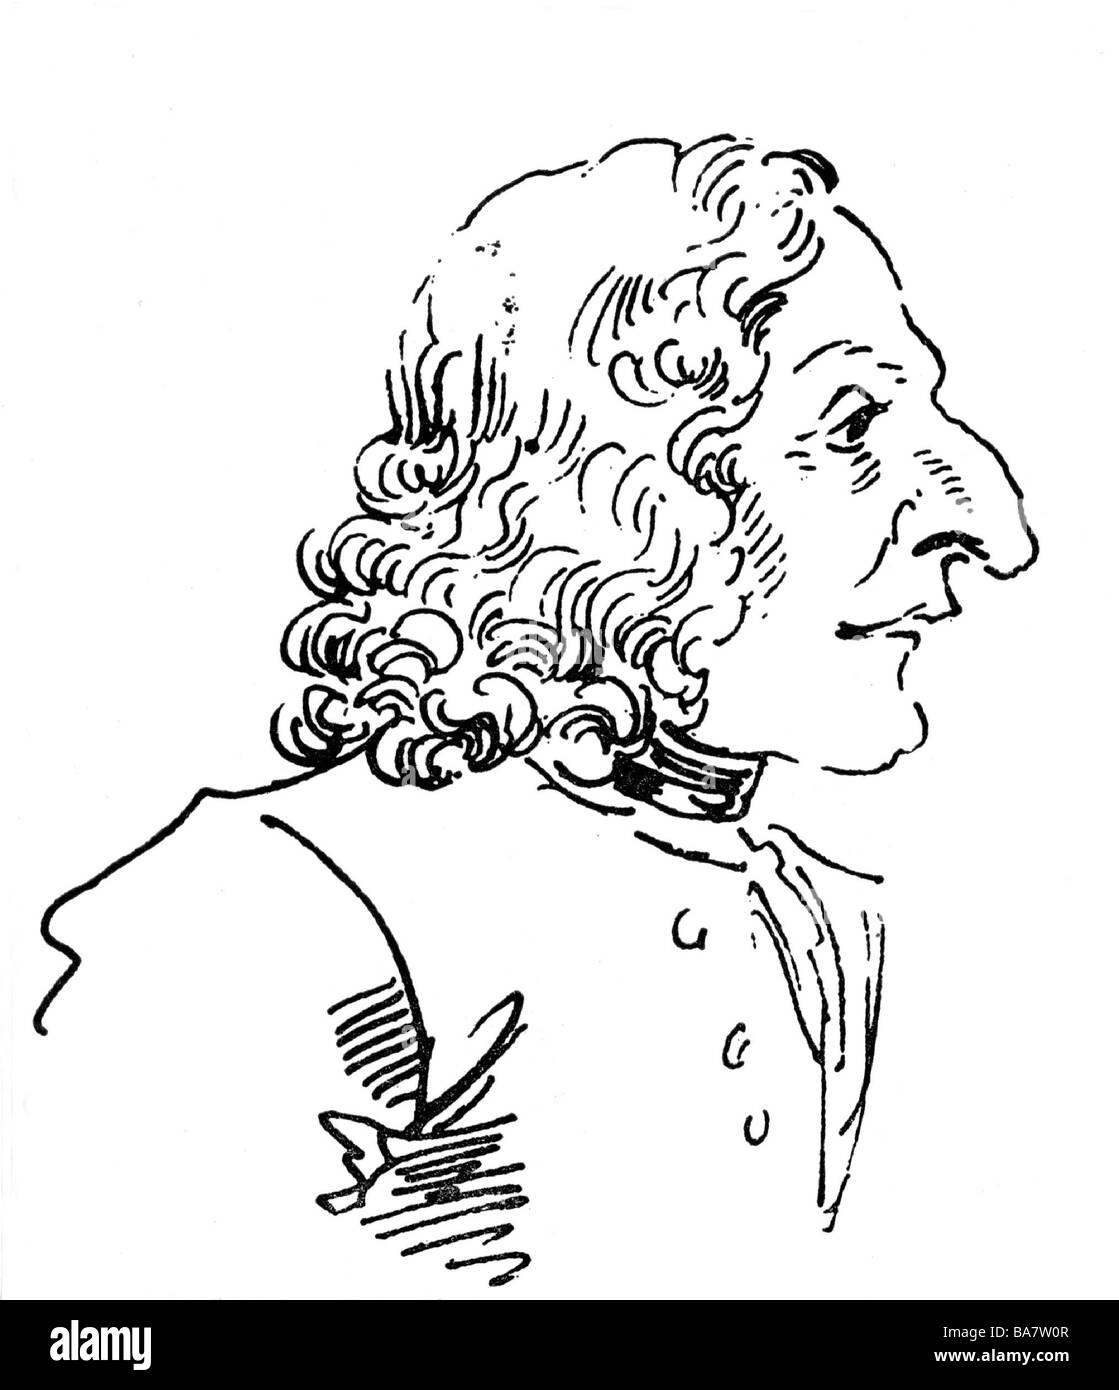 Vivaldi, Antonio, 4.3.1678 - 28.7.1741, Italian composer, portrait, caricature by Leone Ghezzi, 1773, Additional - Stock Image